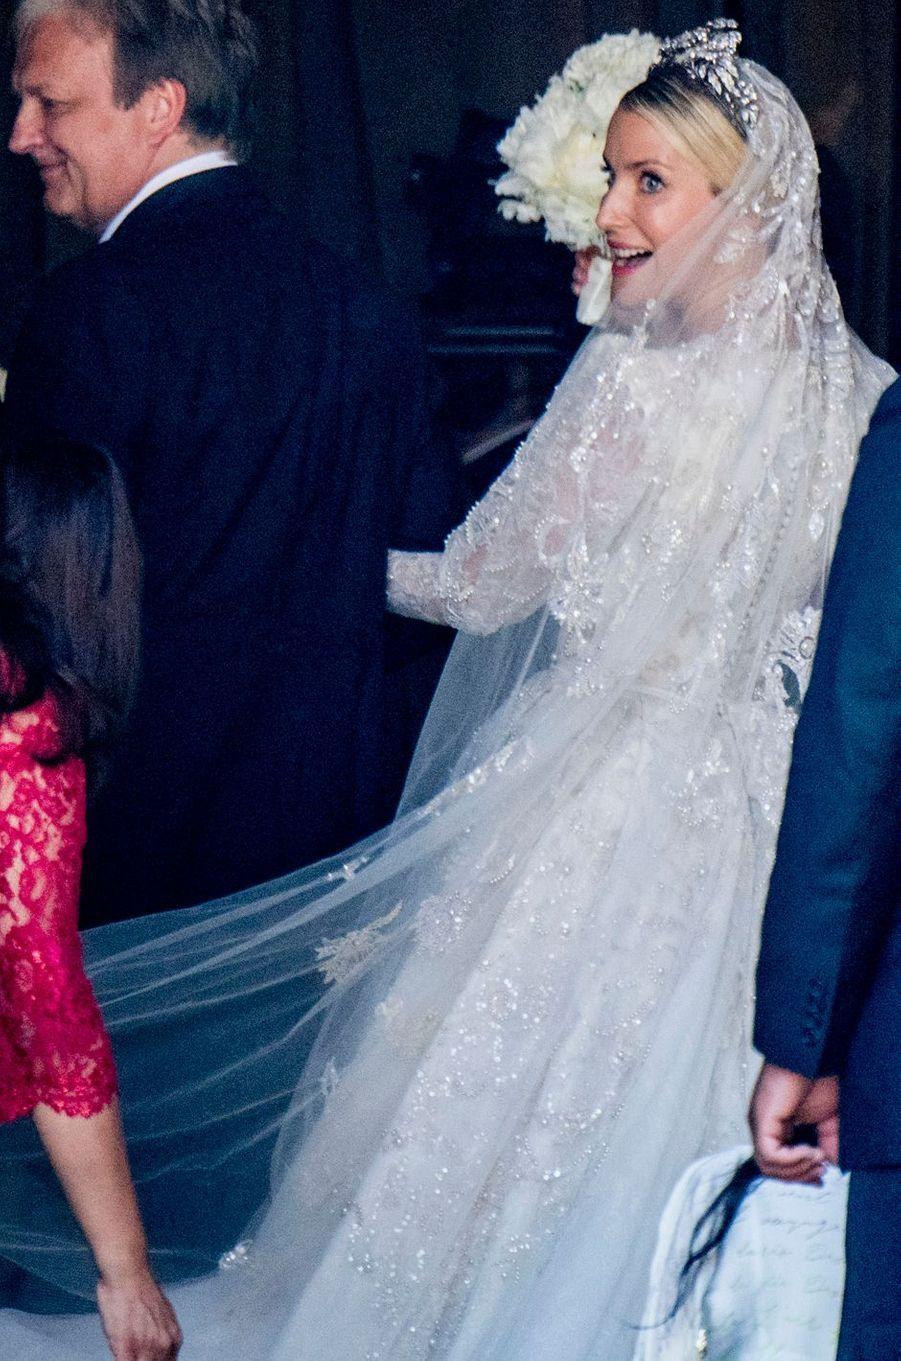 Ekaterina Malysheva avait une robe et un voile brodés de perles et sequins pour son mariage le 8 juillet 2017